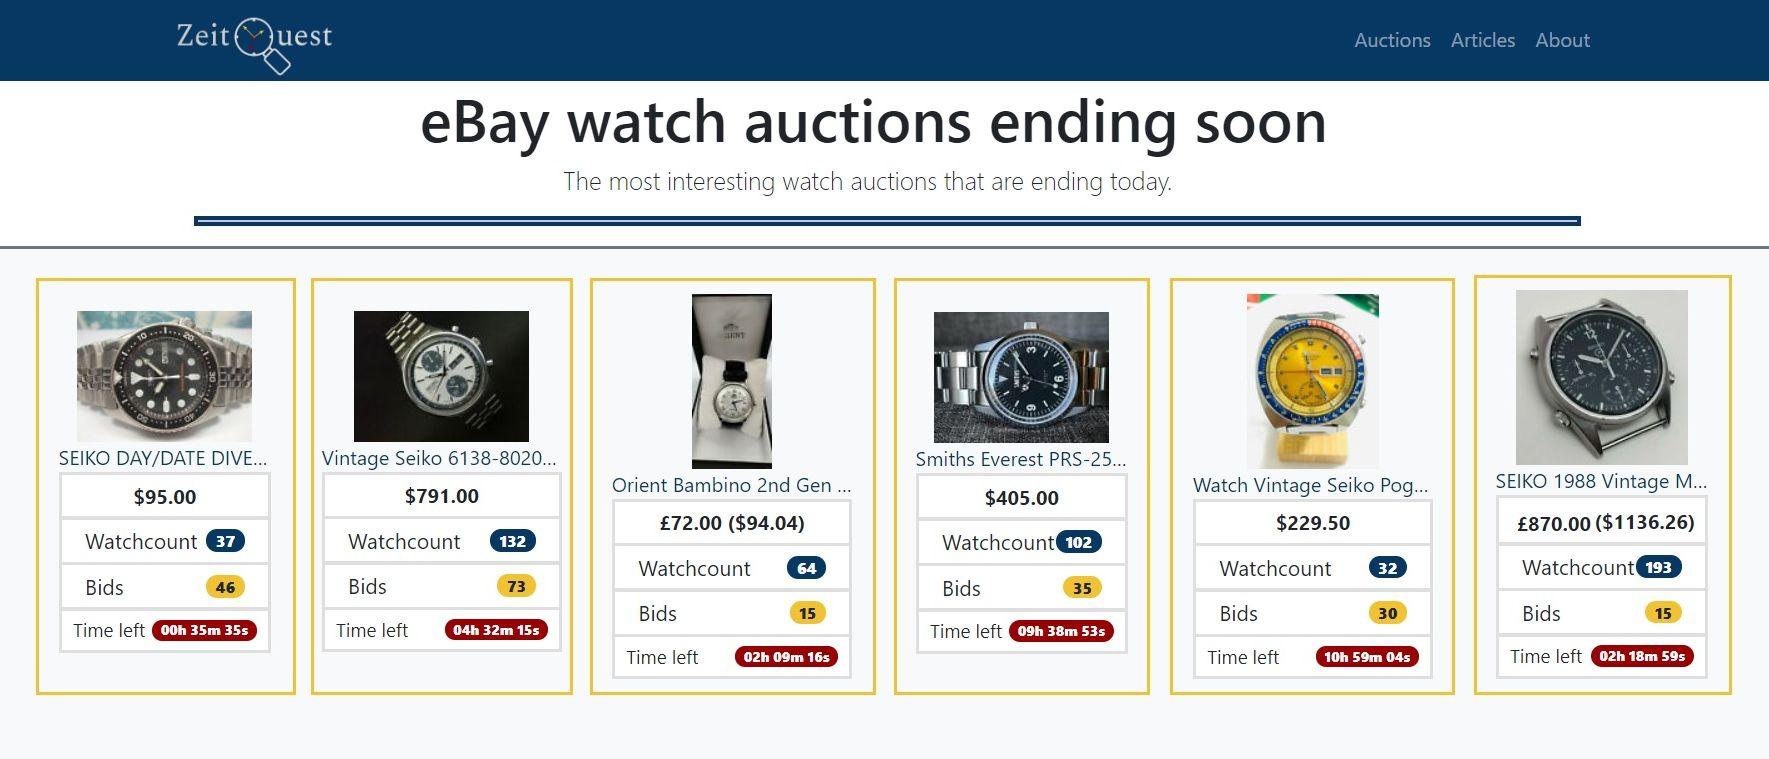 Zeit Quest Auctions